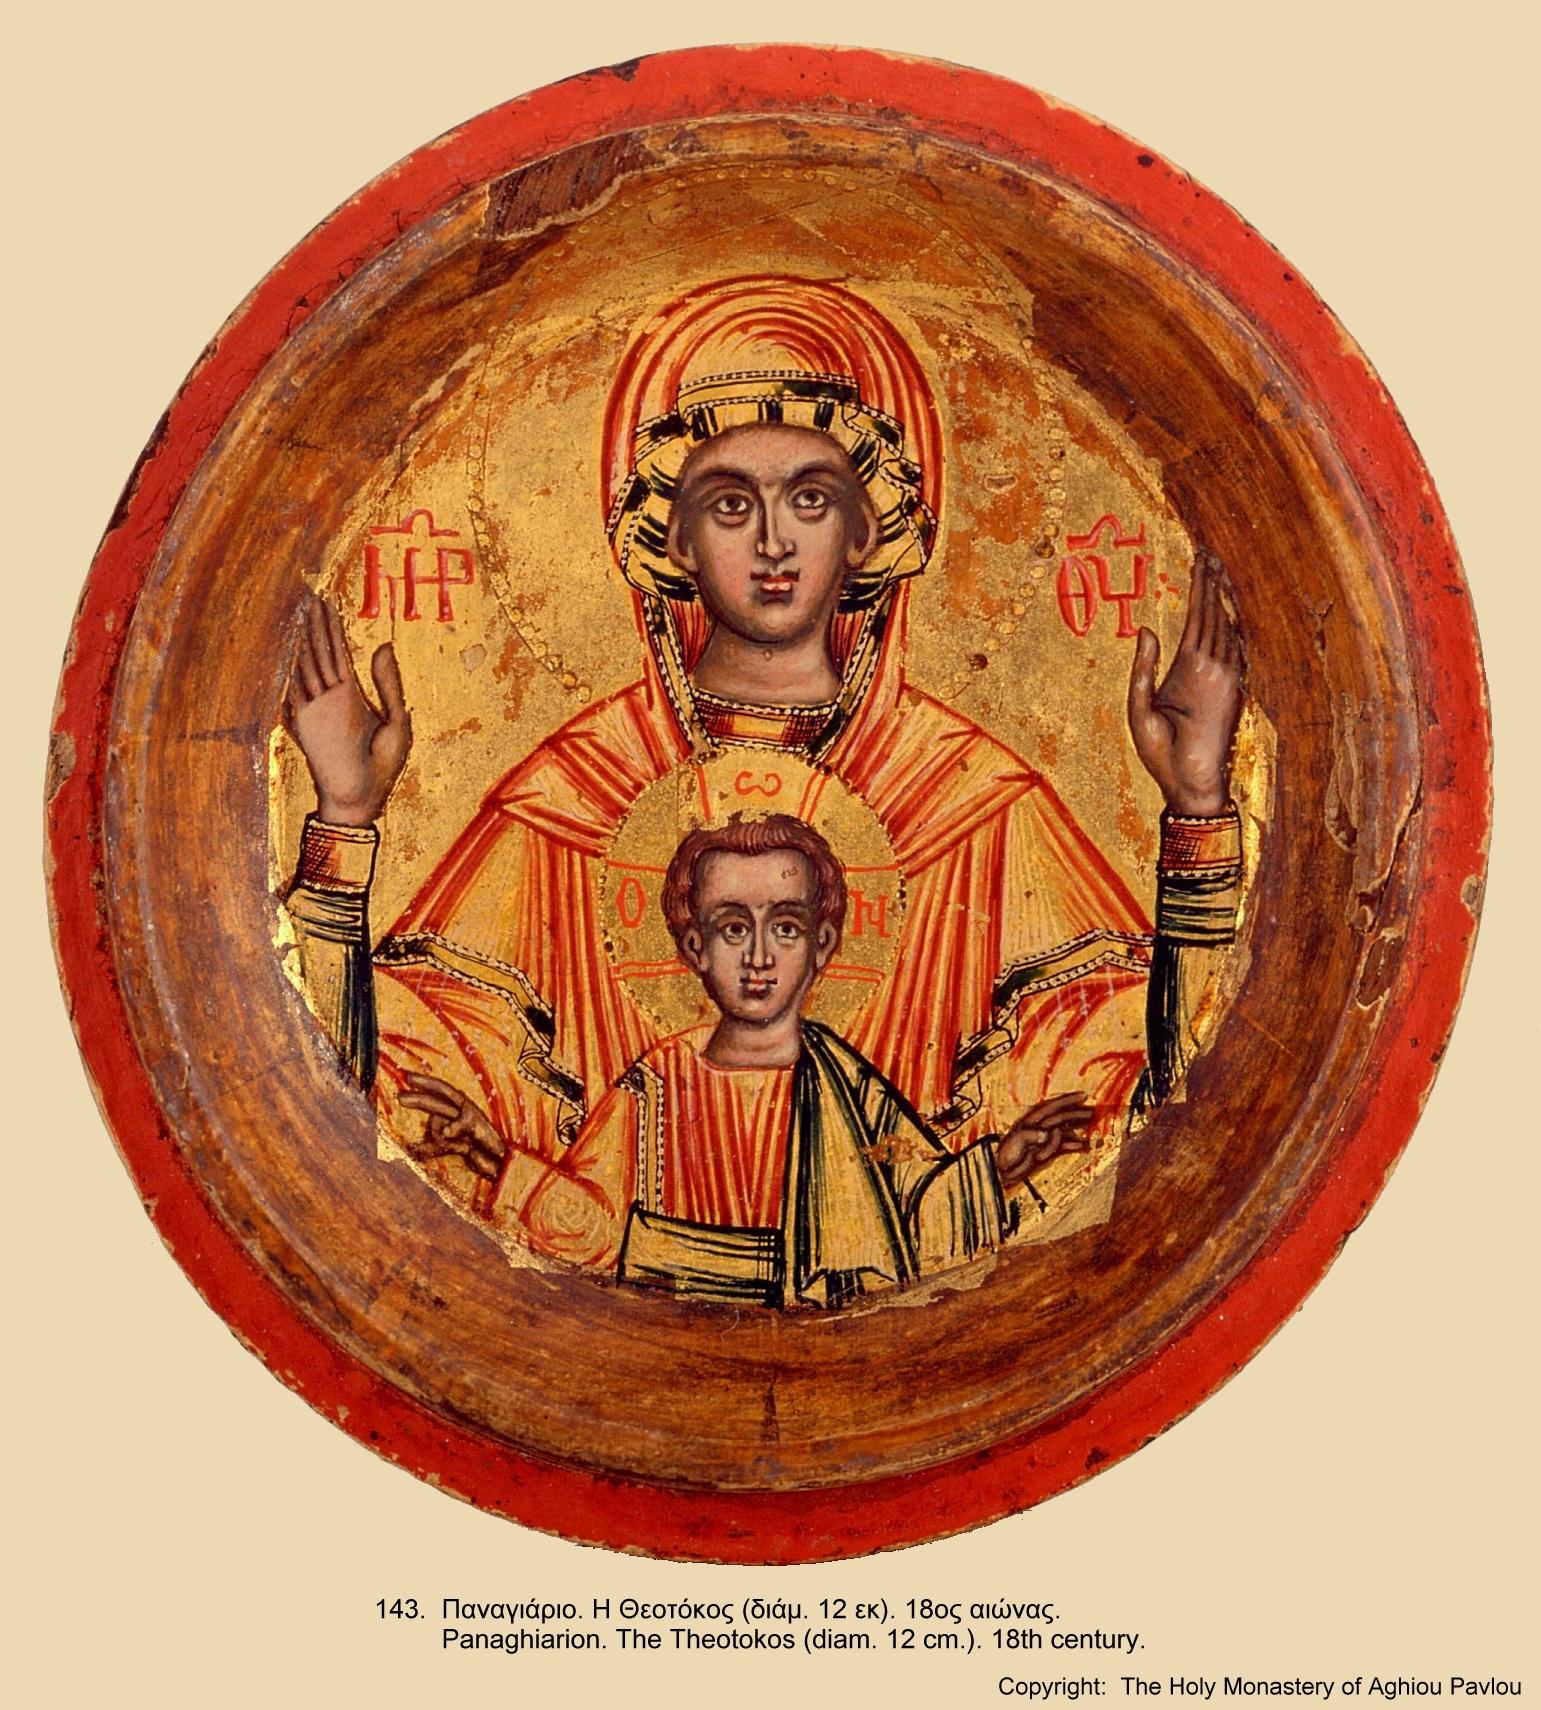 Иконы монастыря св. Павла (142)